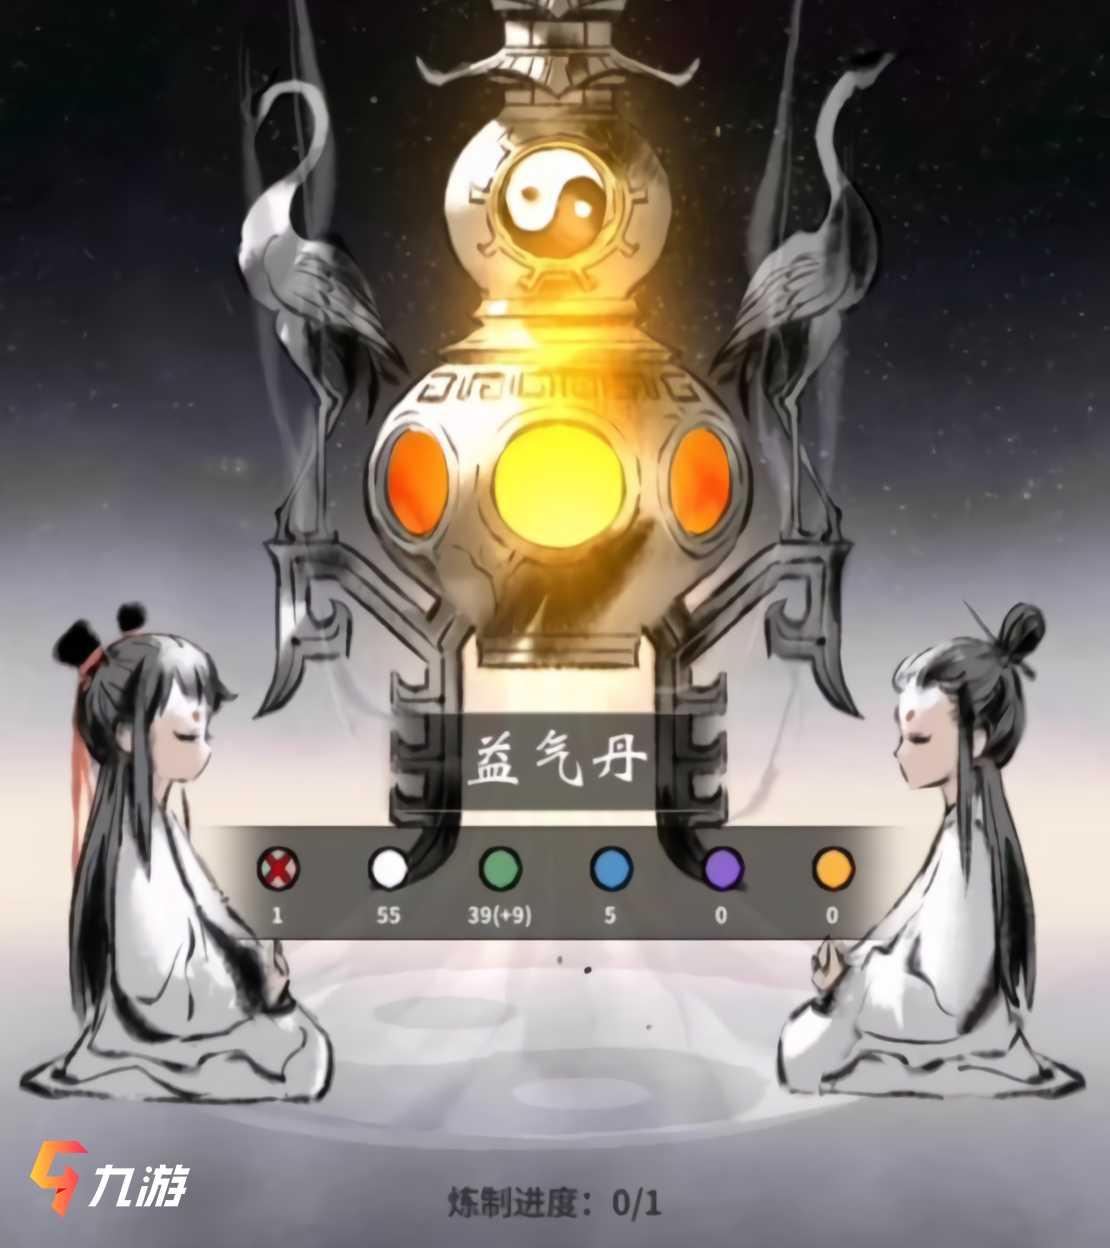 一念逍遥怎么炼丹 炼丹具体流程及炼丹技巧攻略介绍